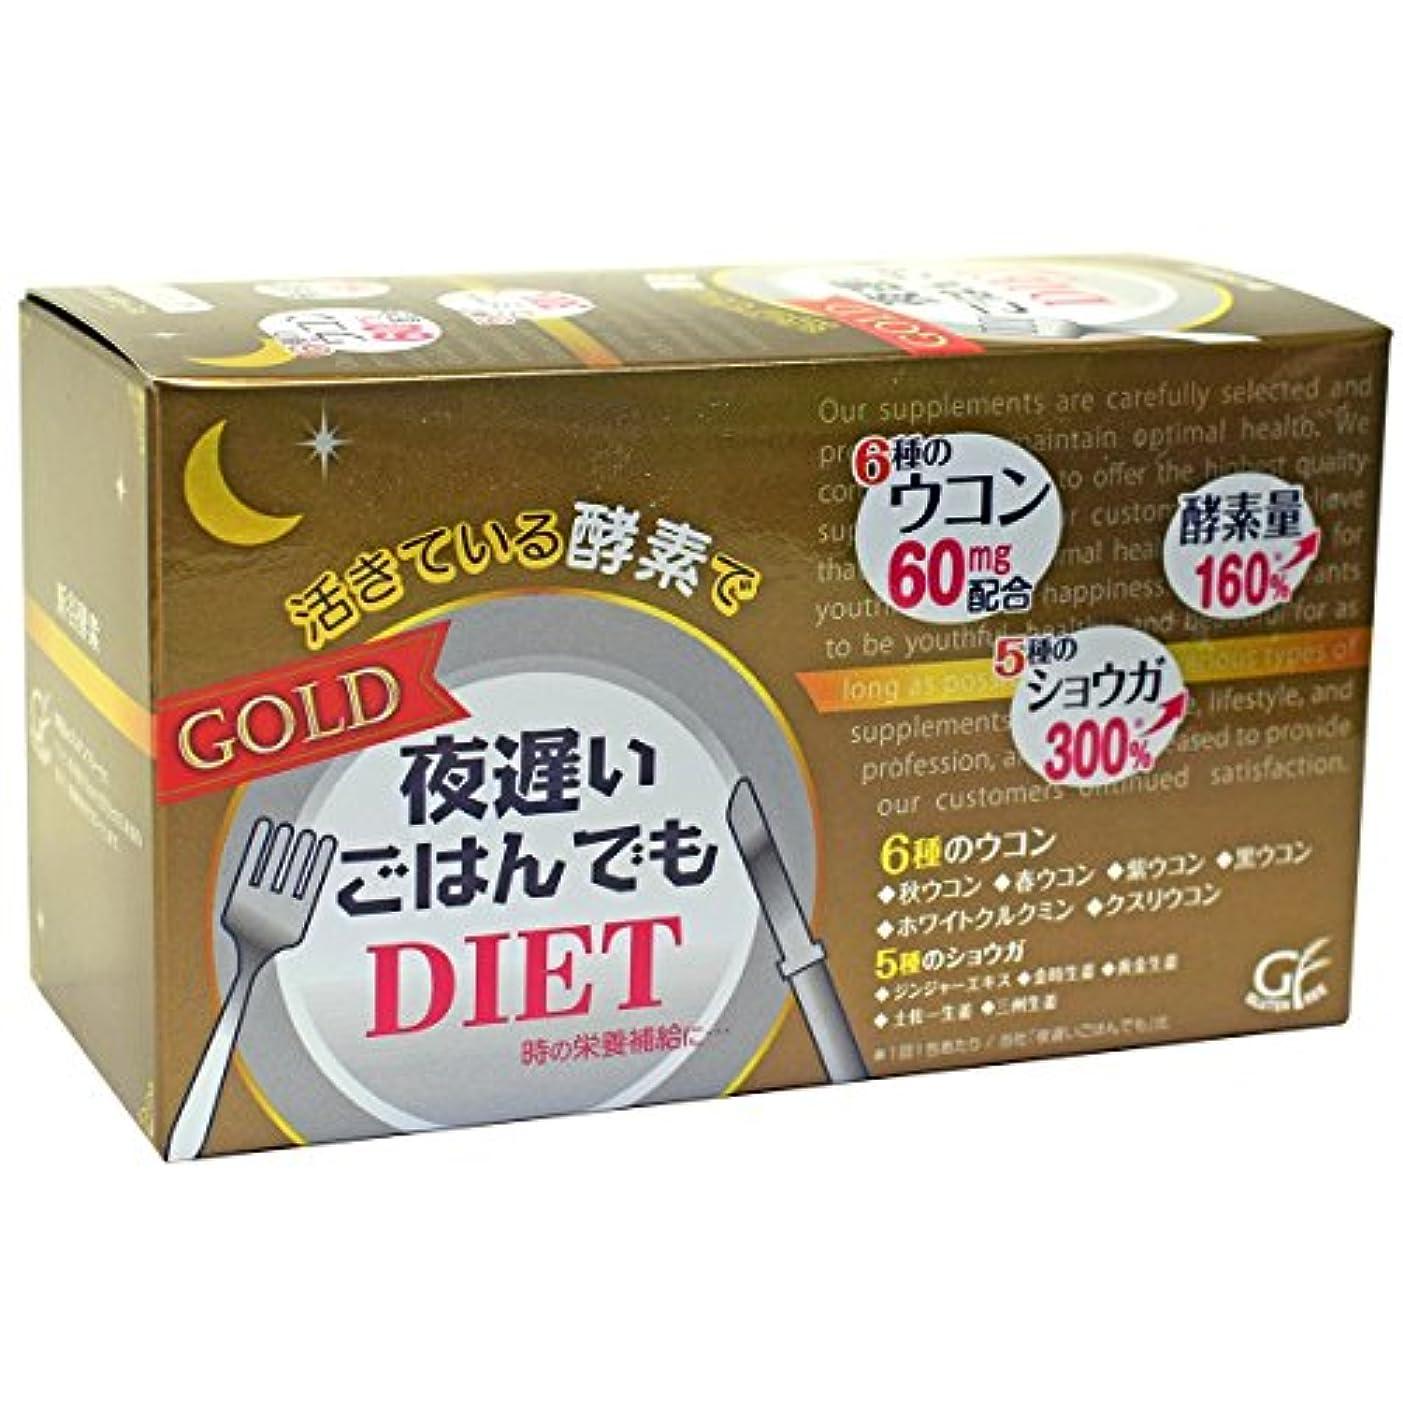 びんガジュマル医薬品新谷酵素 夜遅いごはんでも GOLD 30包入